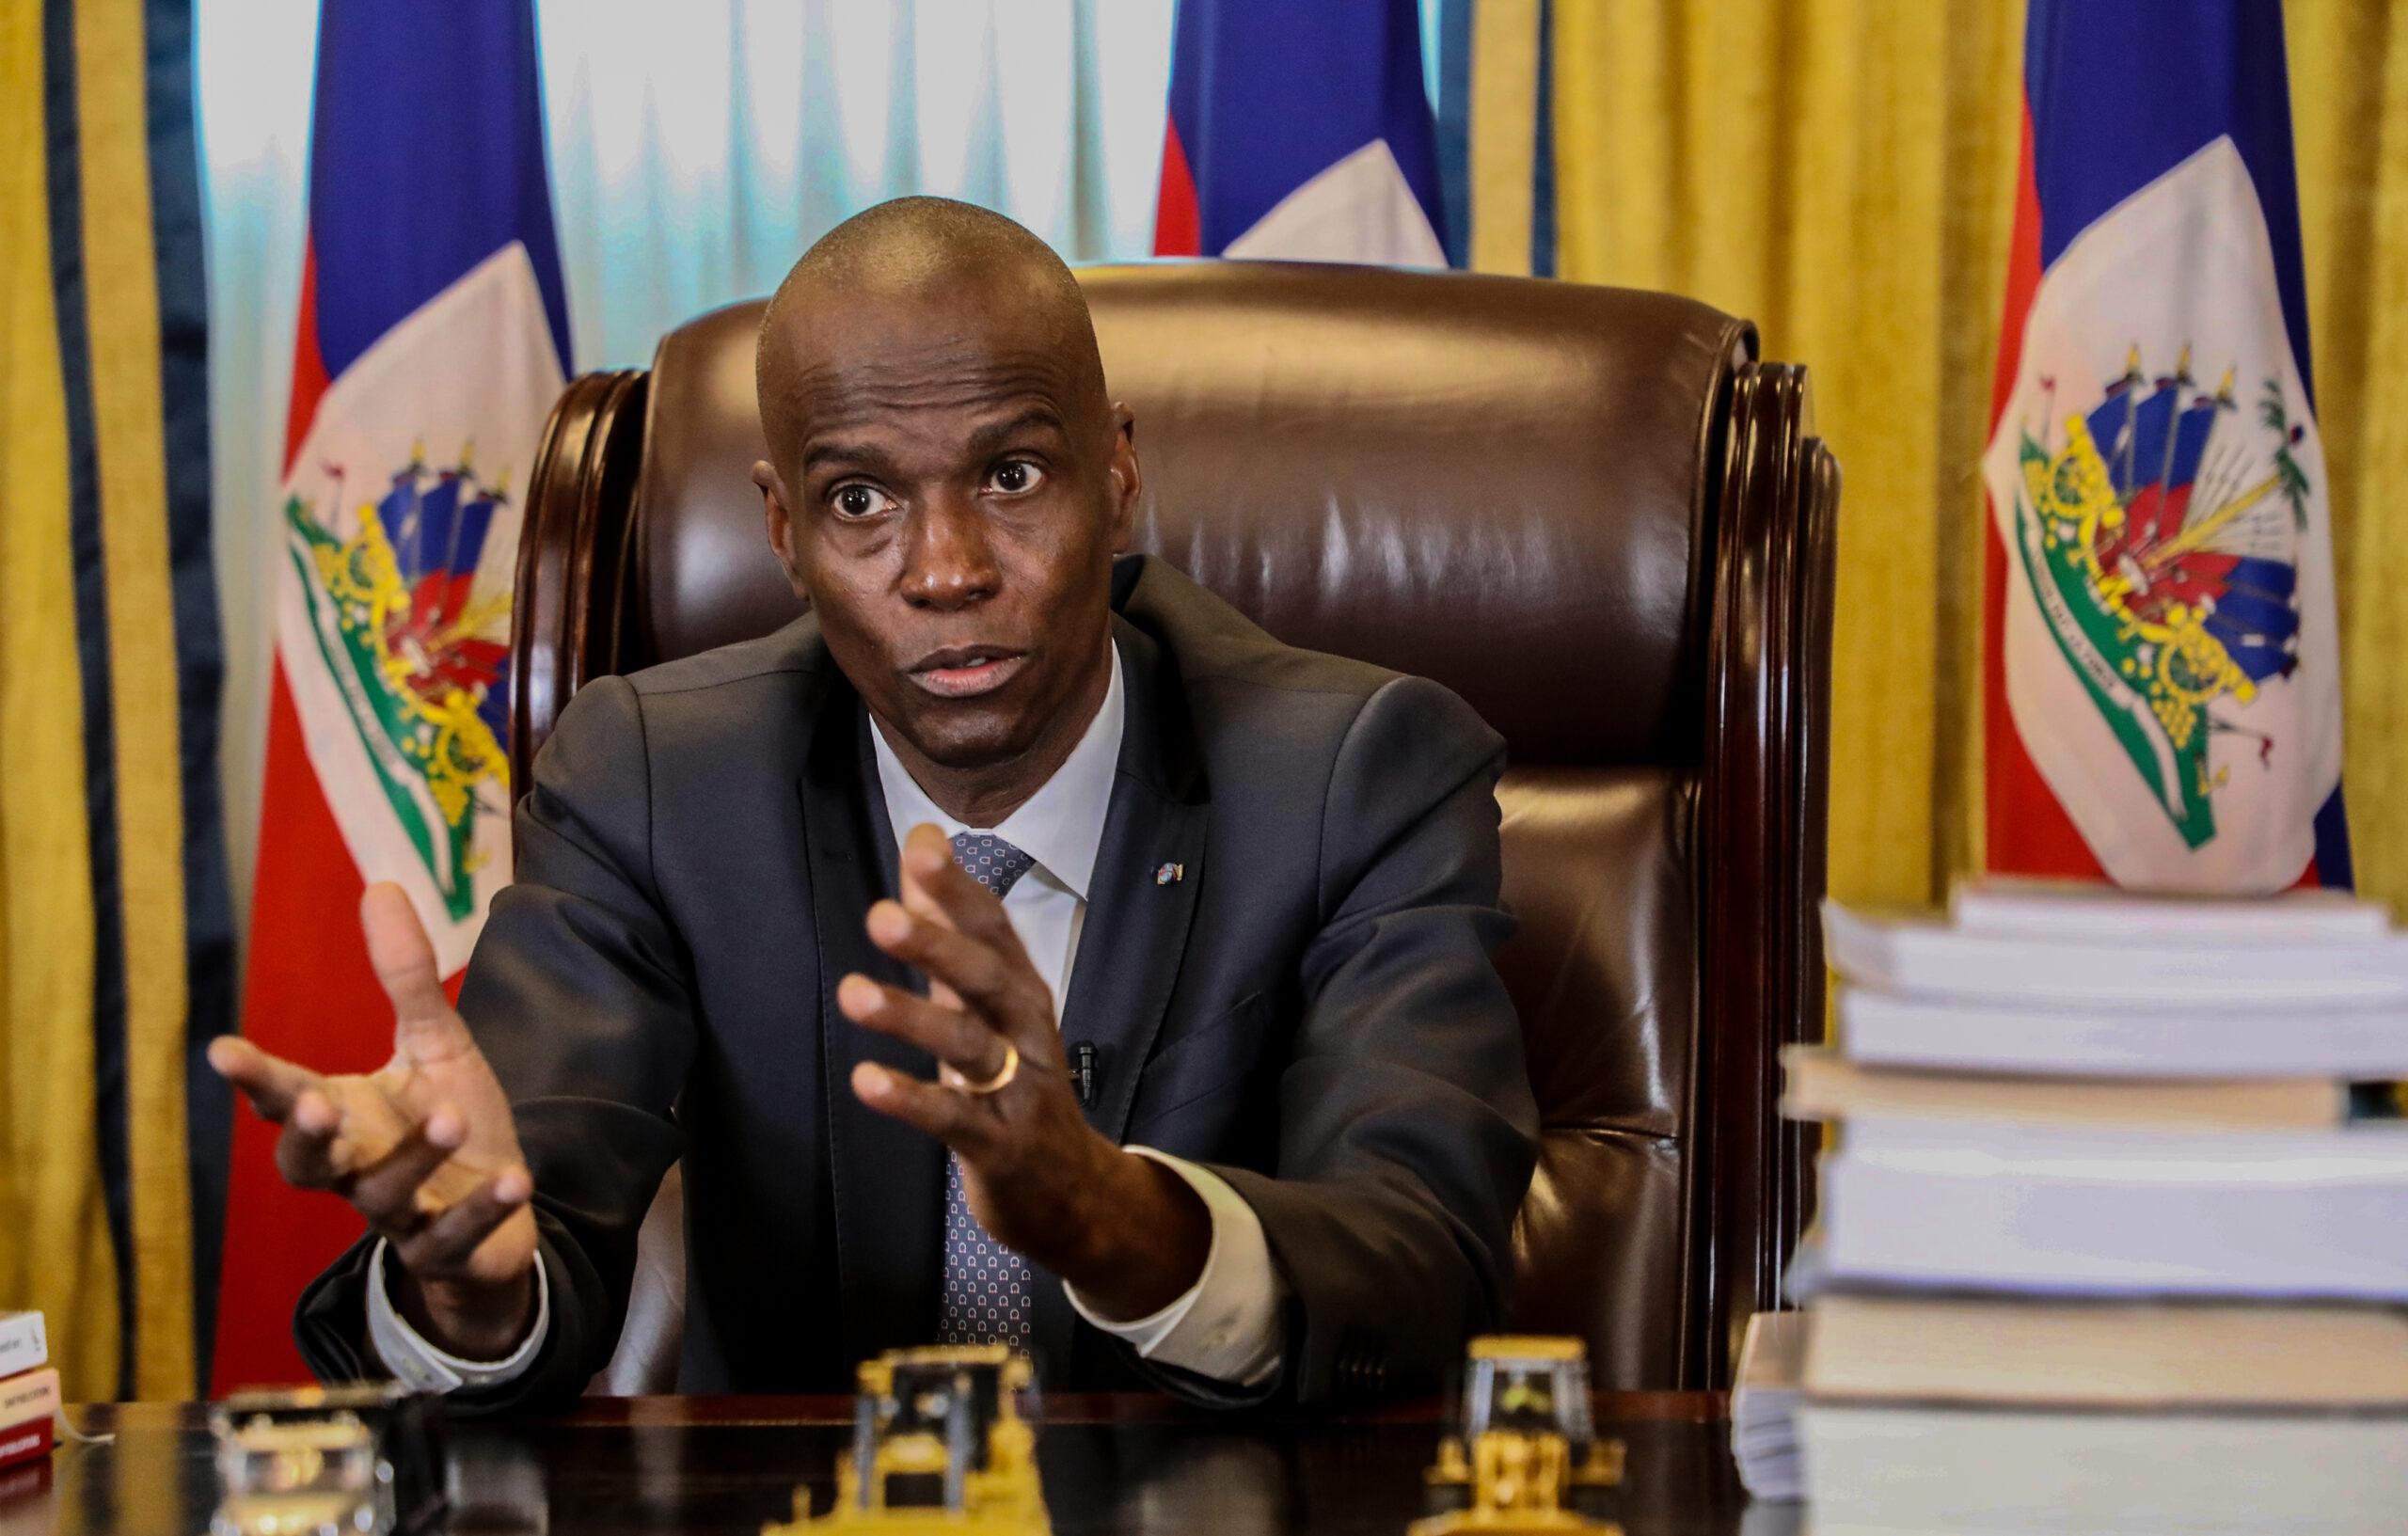 El presidente de Haití, Jovenel Moïse, asesinado a tiros en su domicilio -  La Neta Neta